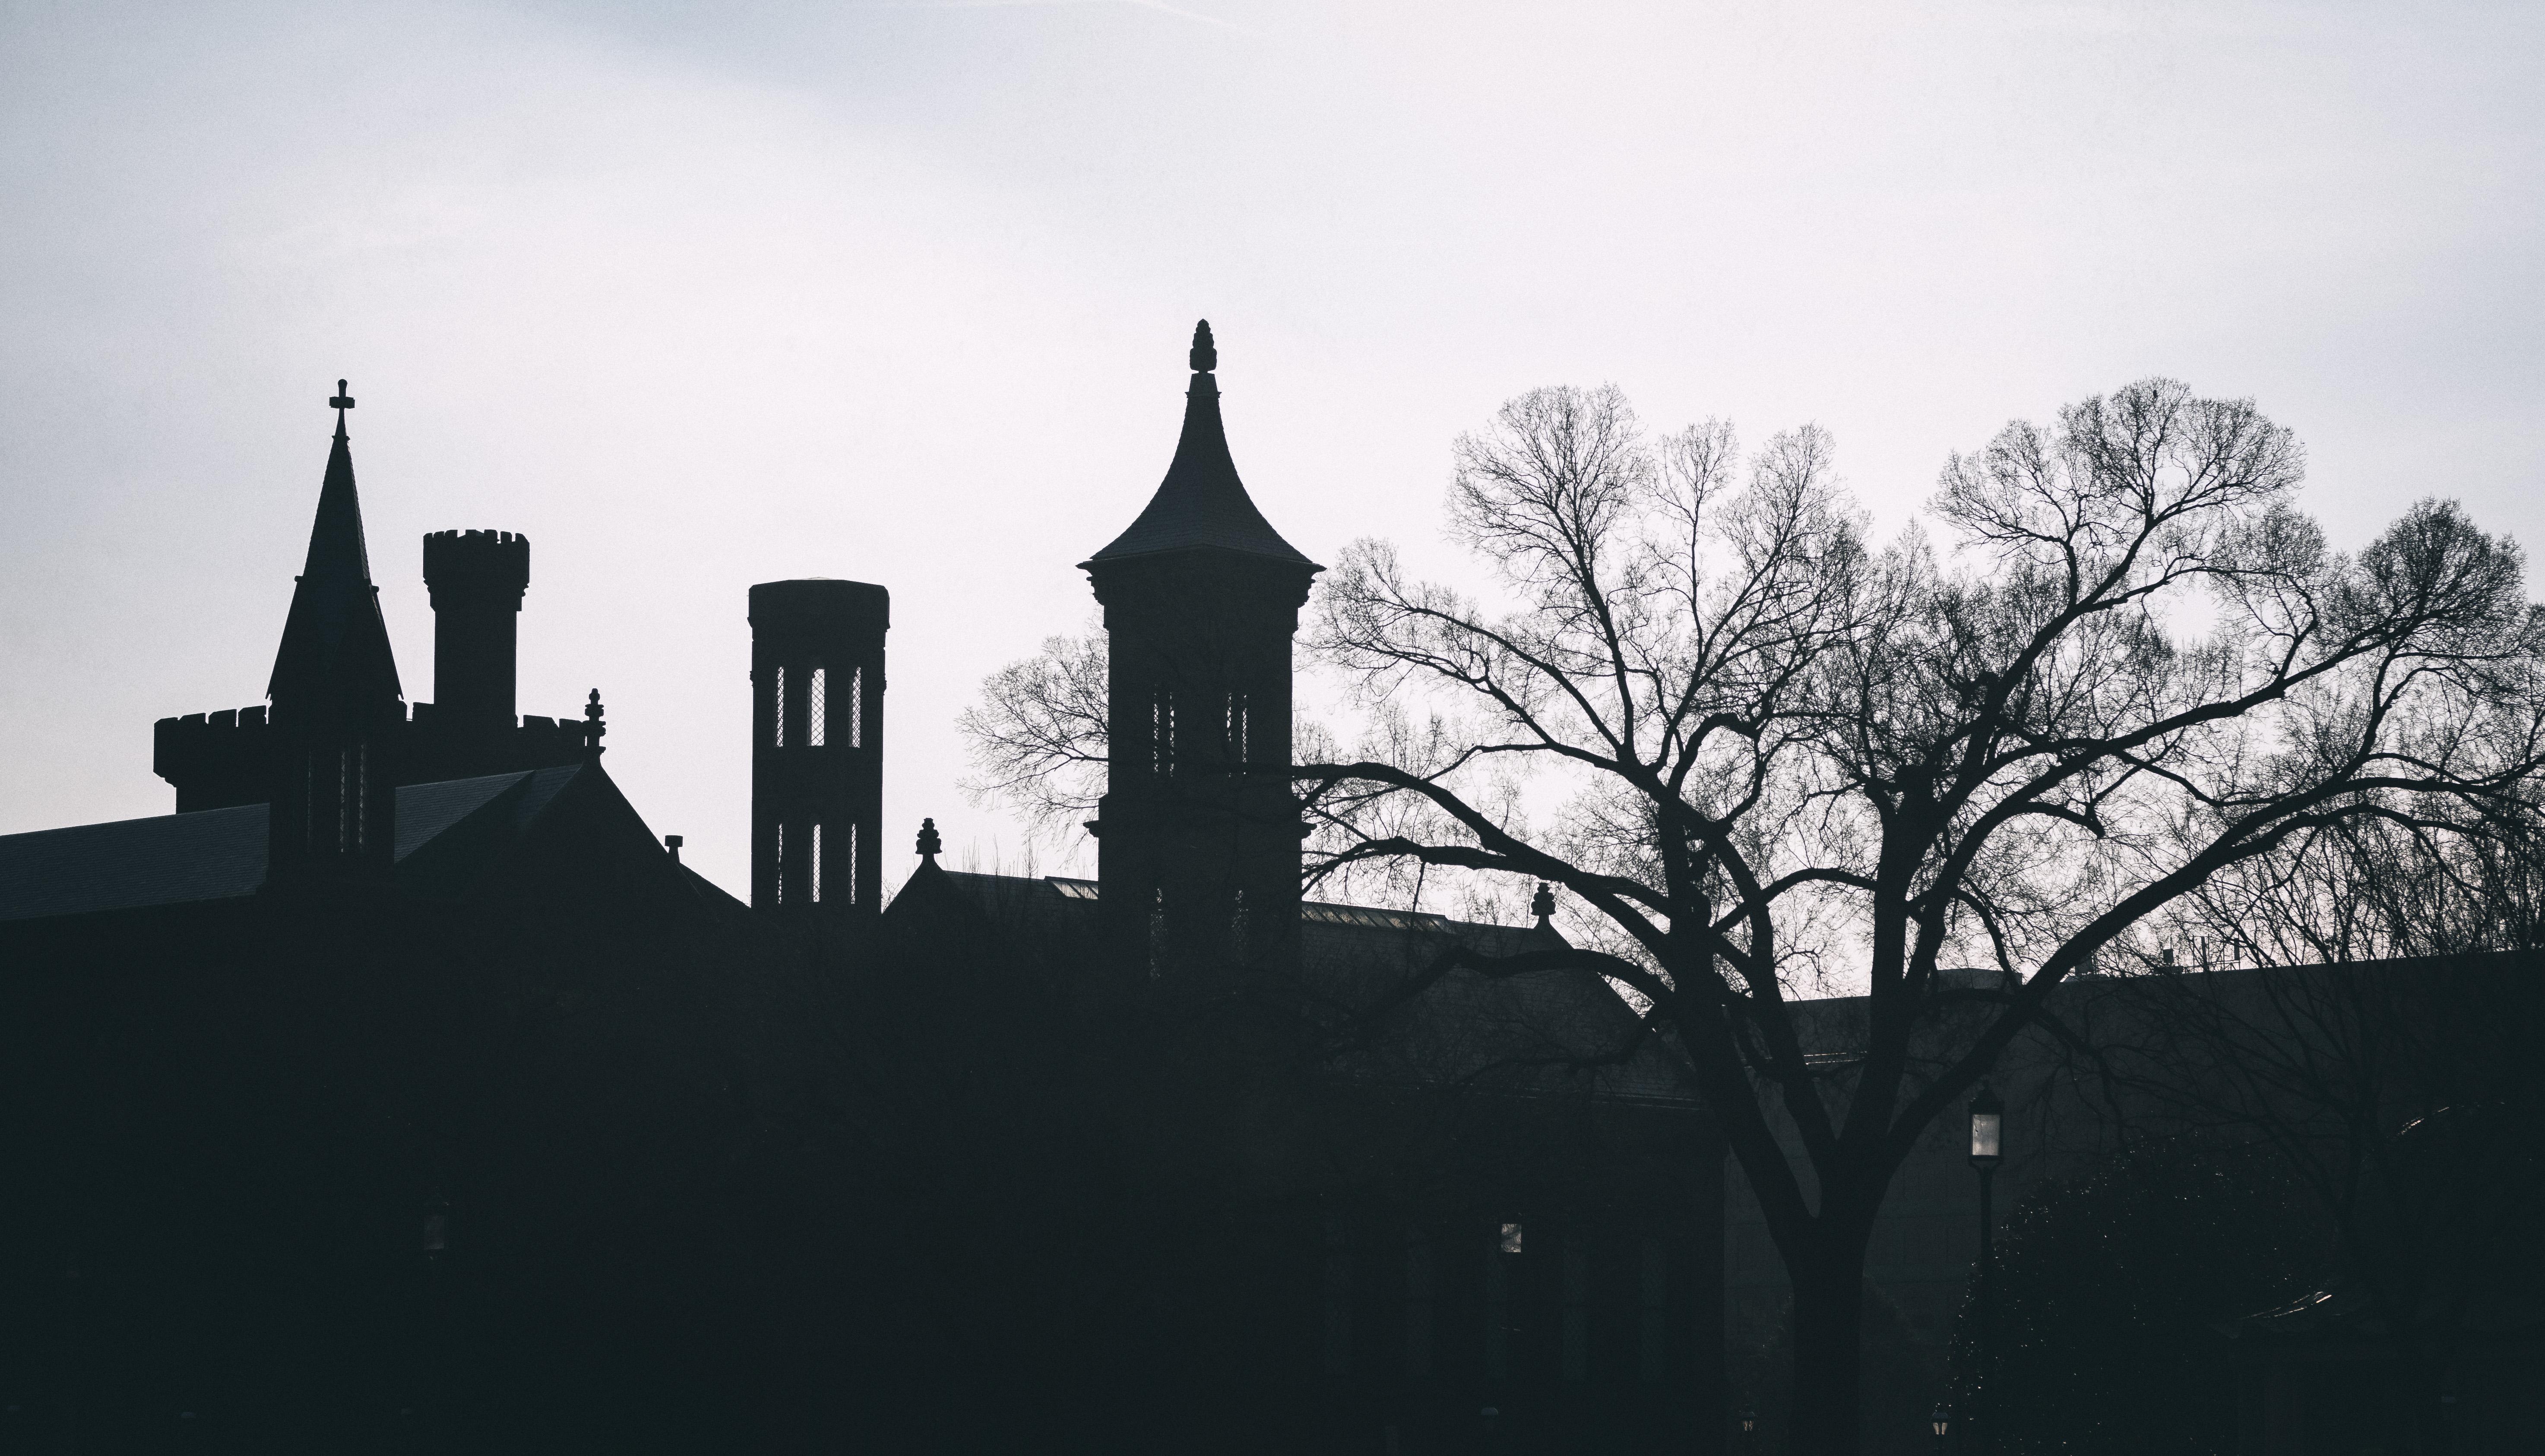 The Castle A